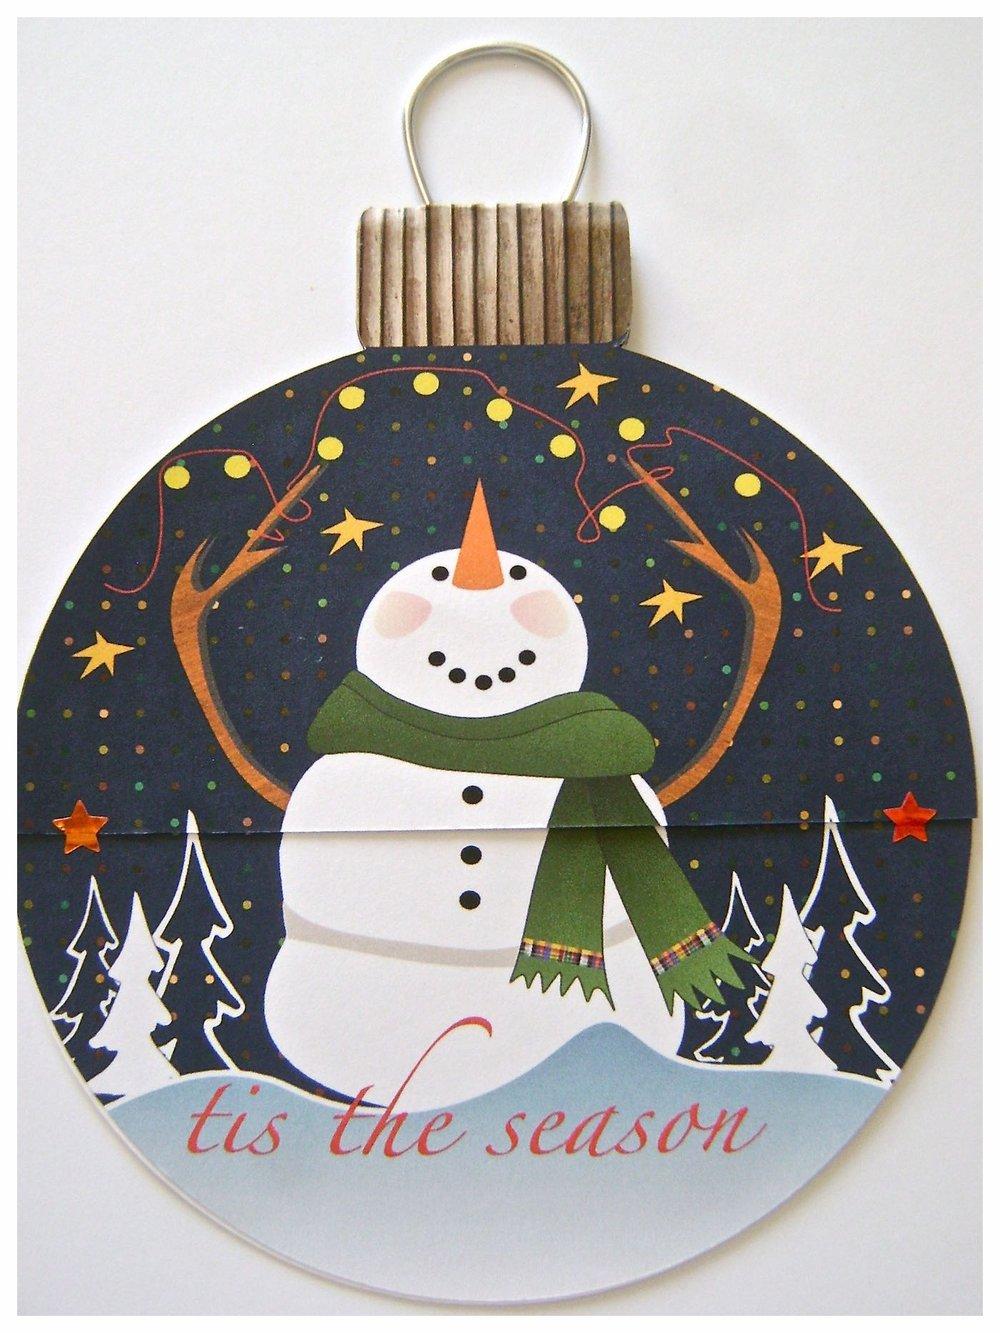 tree ornament gift card holder.jpg